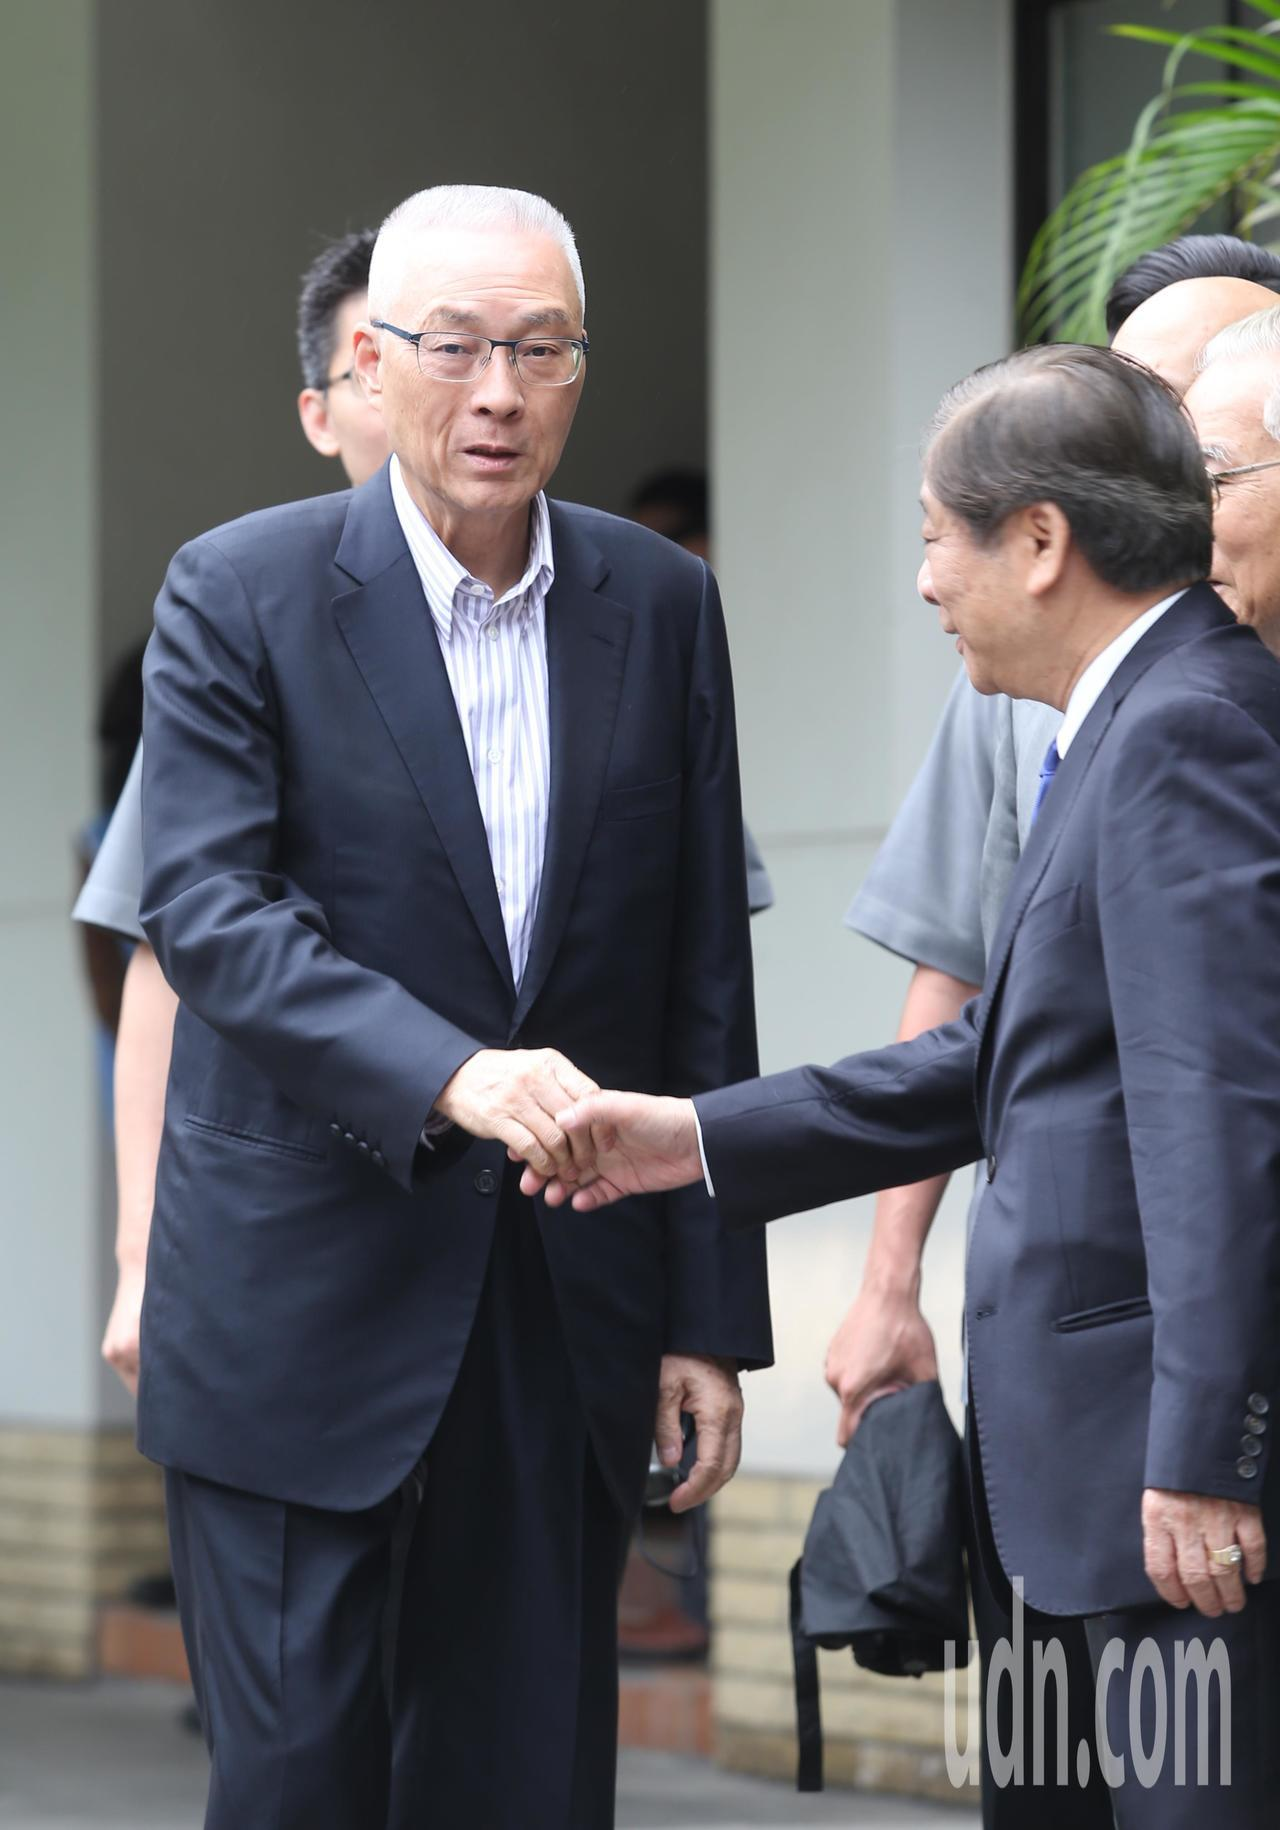 國民黨主席吳敦義(左)下午出席「五四運動100週年紀念會」。記者林澔一/攝影